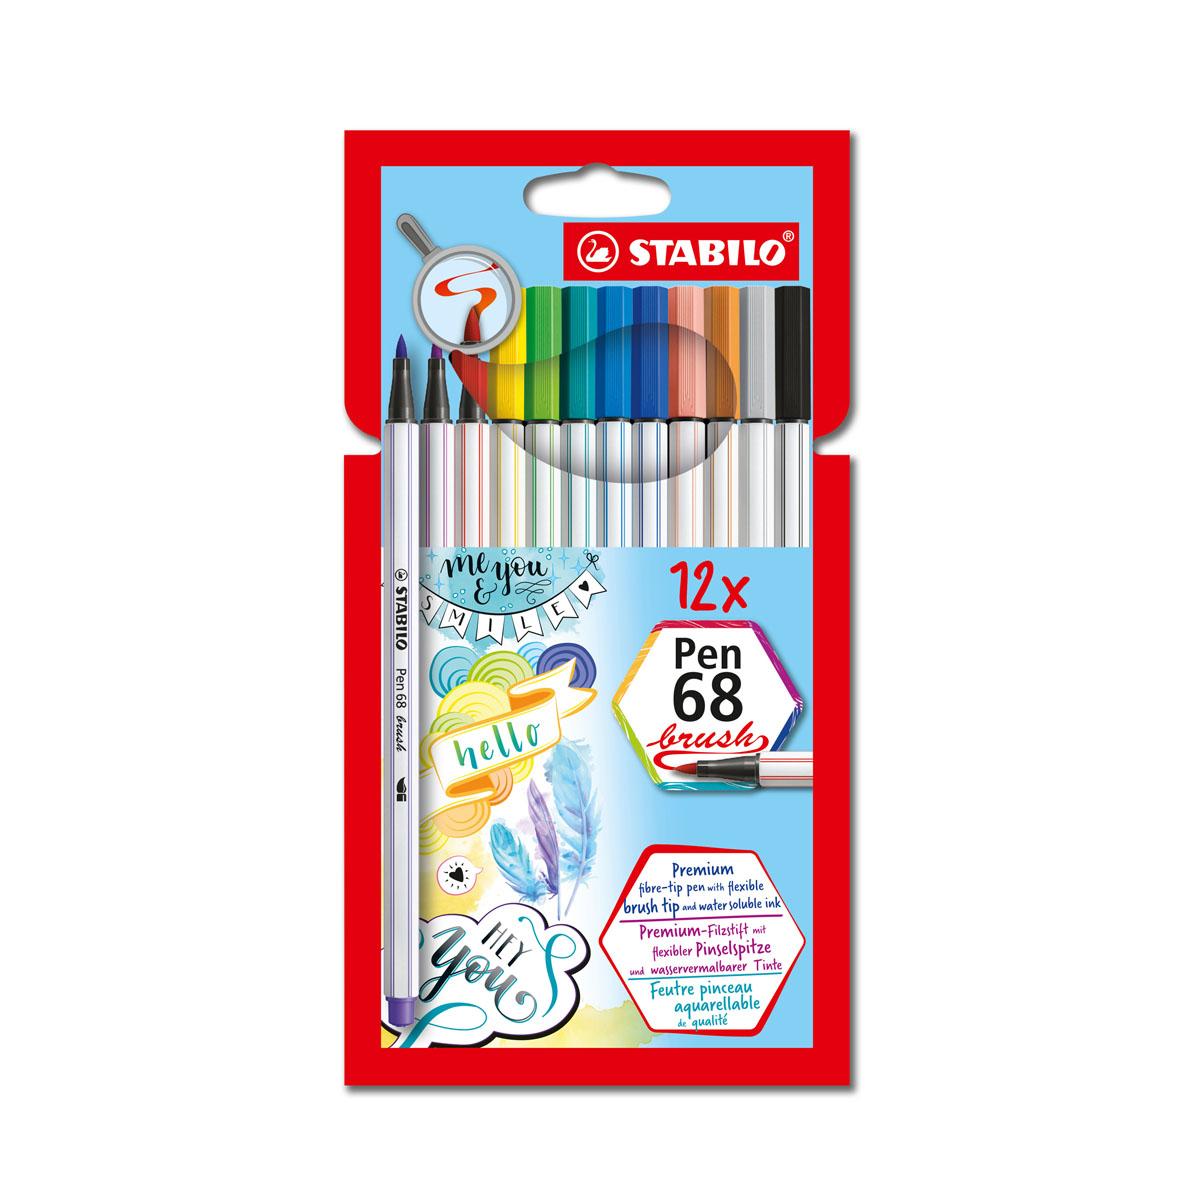 Bộ bút lông màu STABILO Pen 68 brush, 12 màu/vỉ (PN68BR-12P)